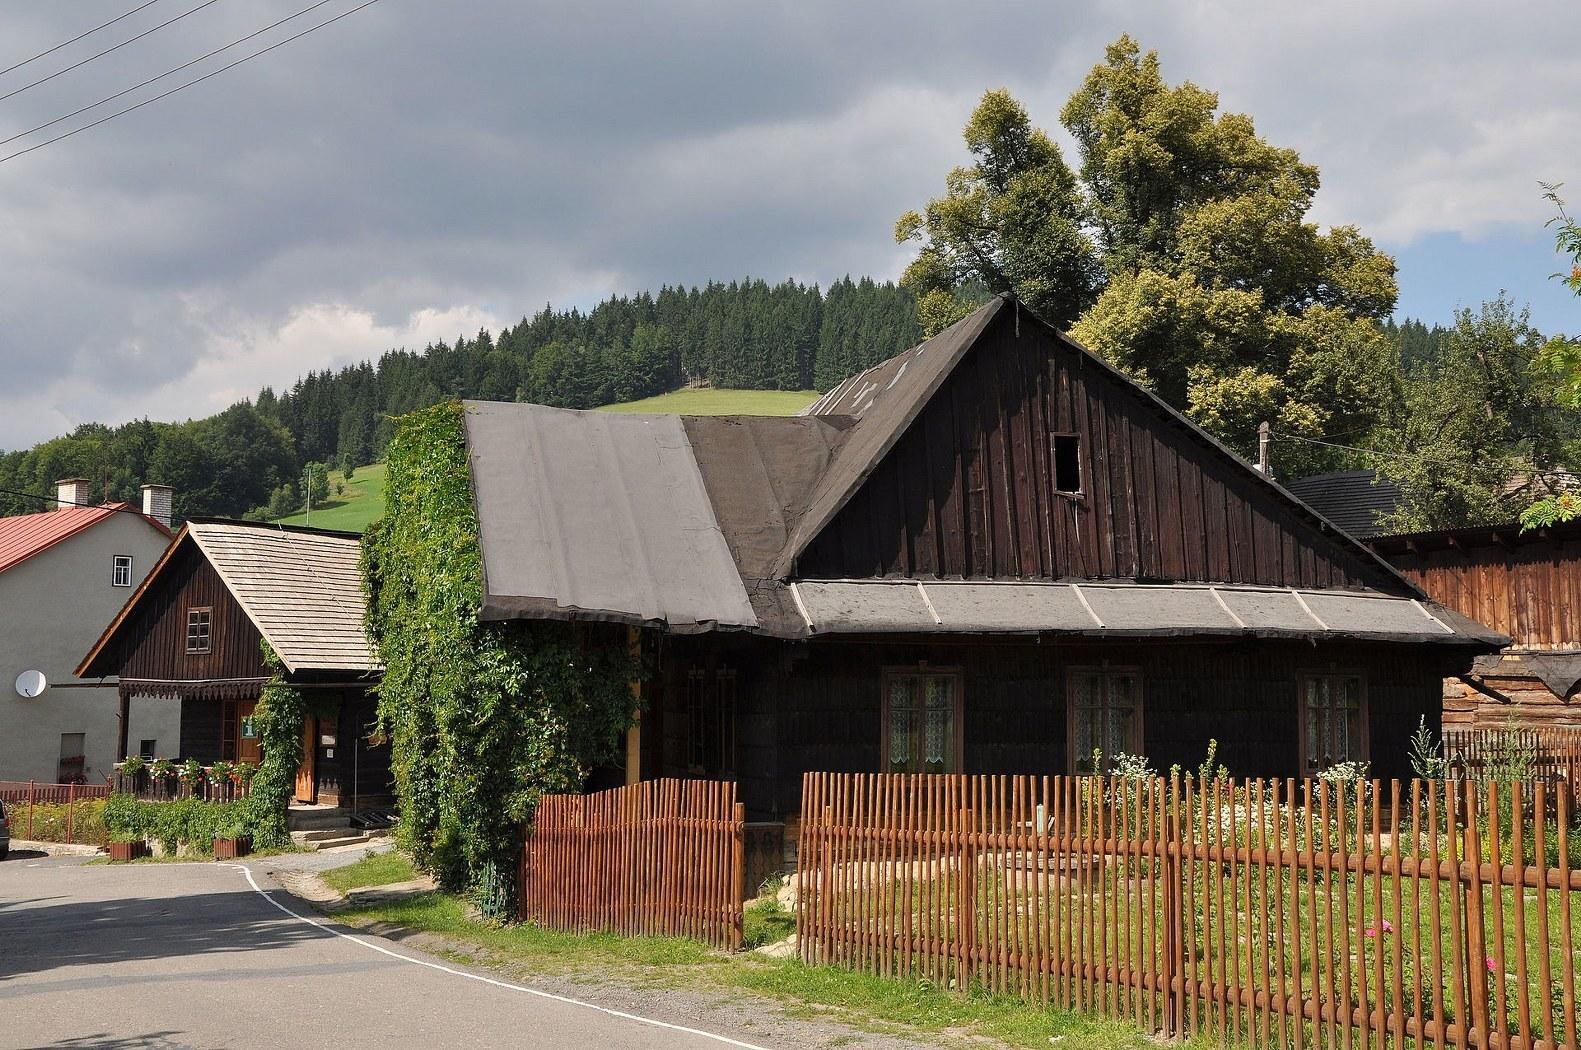 Вельке-Карловице - дома, (c) wikipedia.org - Ben Skála, Benfoto